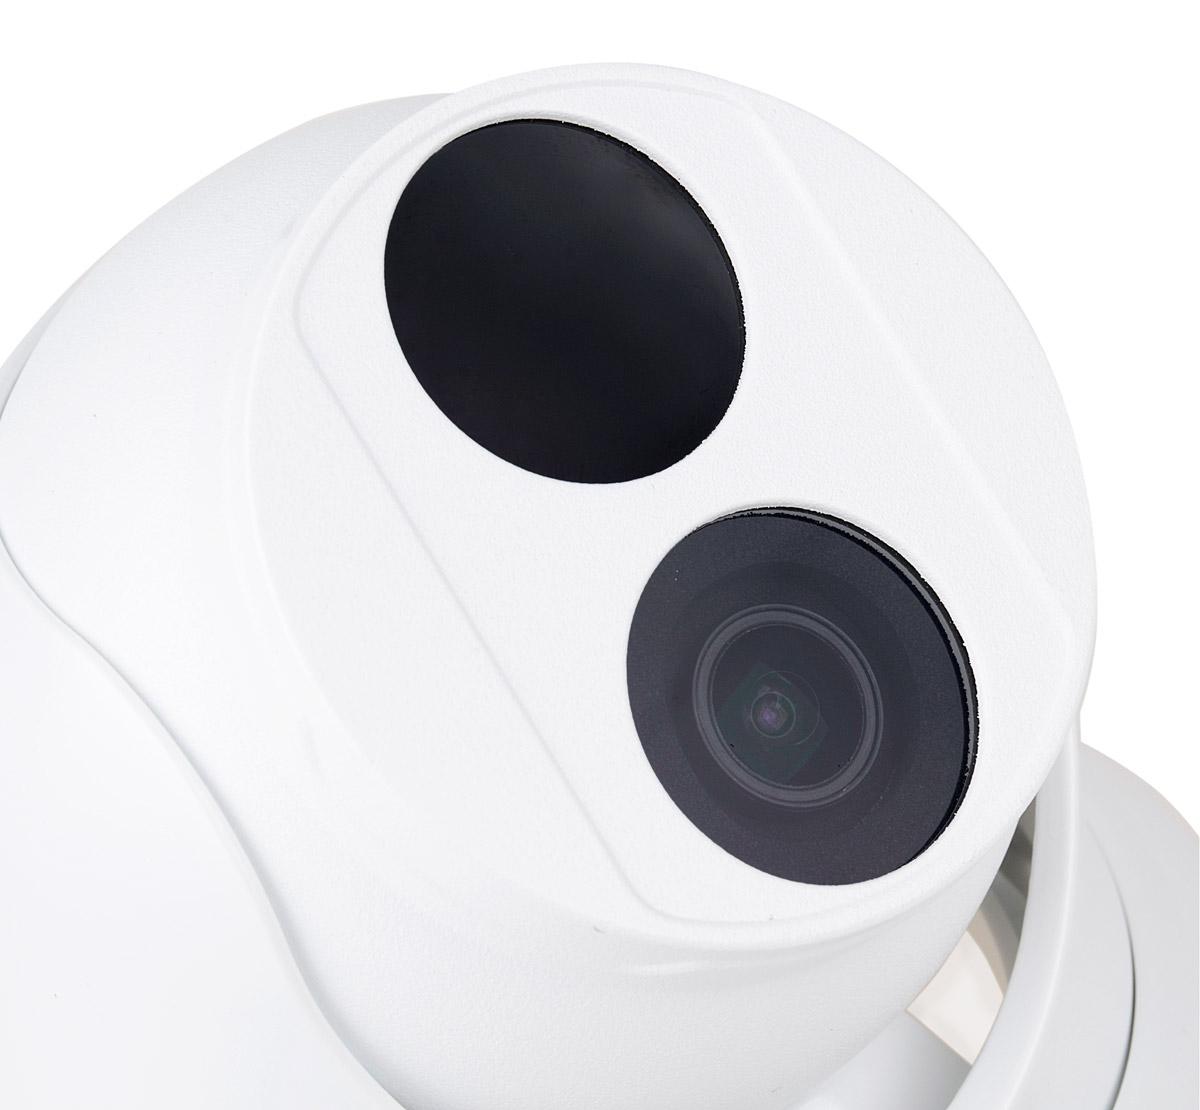 Obiektyw i oświetlacz kamery BCS-P211R3